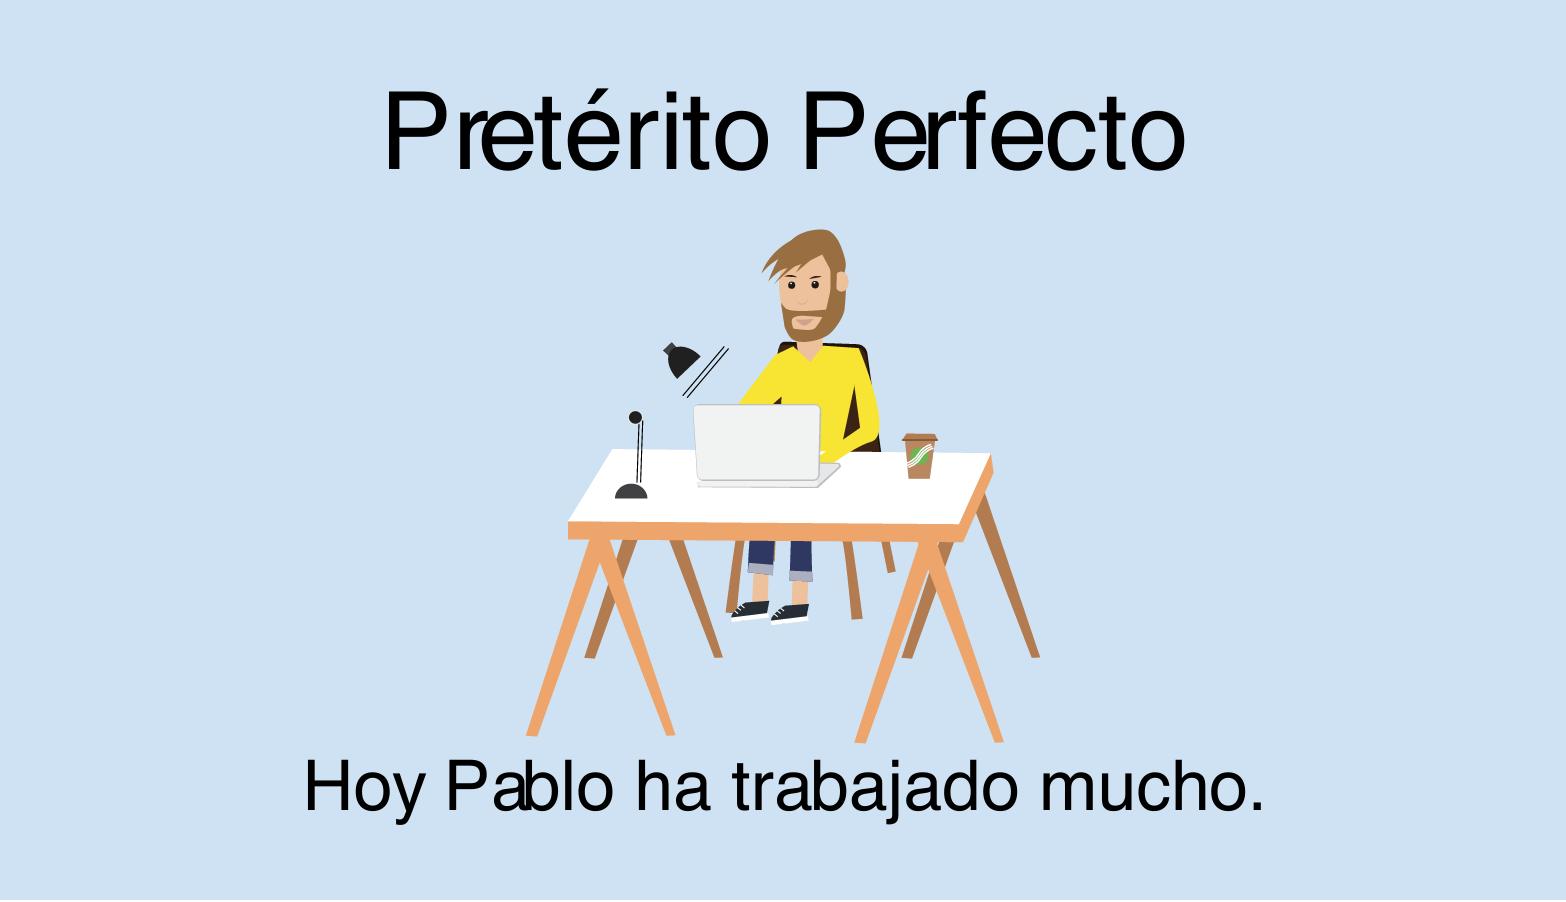 Pretérito Perfecto (pasado compuesto) im Spanischen